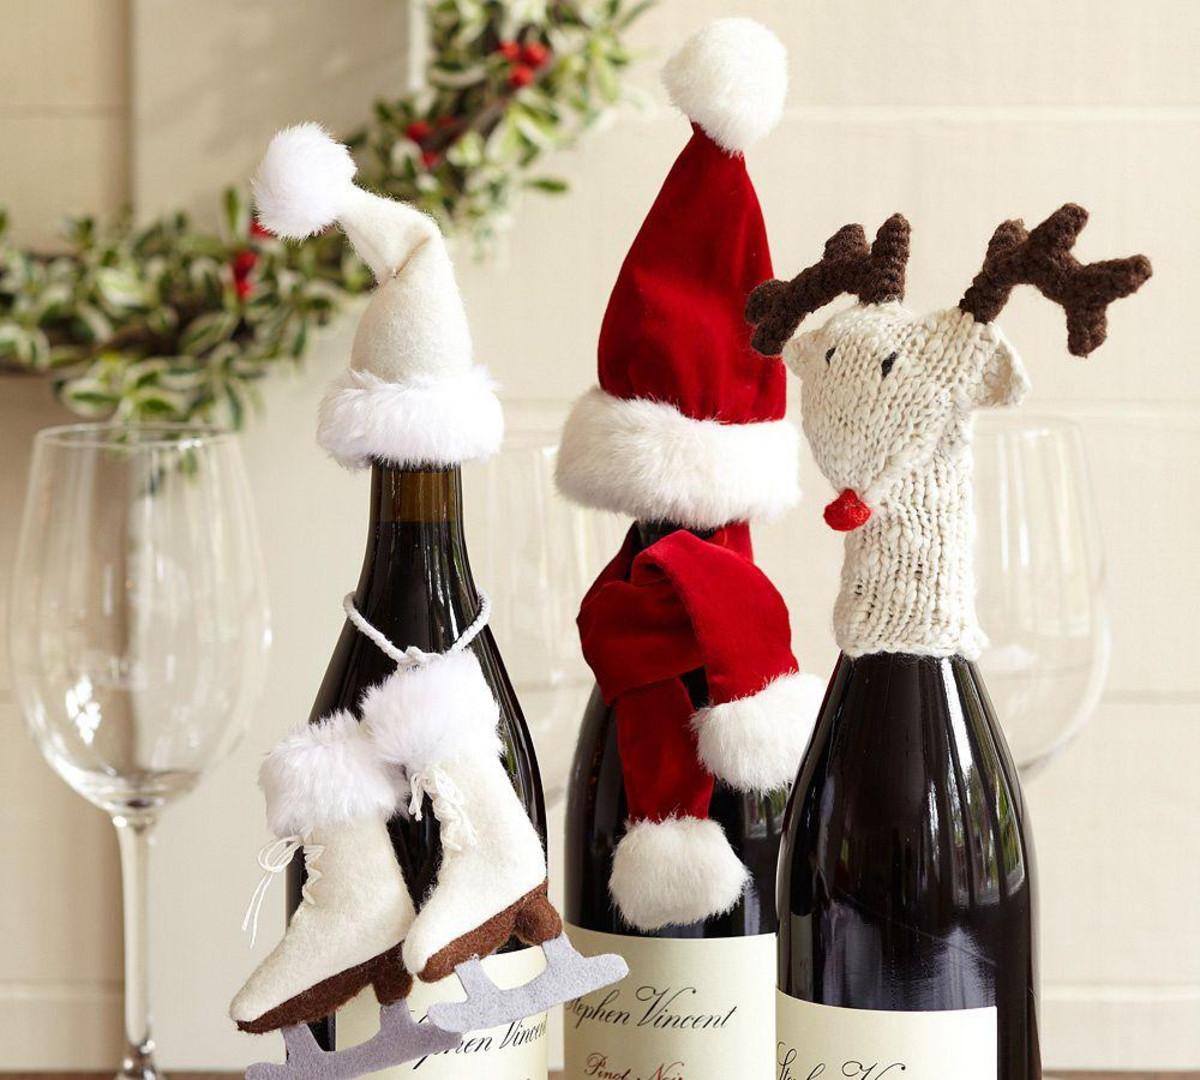 Идеи новогоднего декора бутылки шампанского (52 фото)